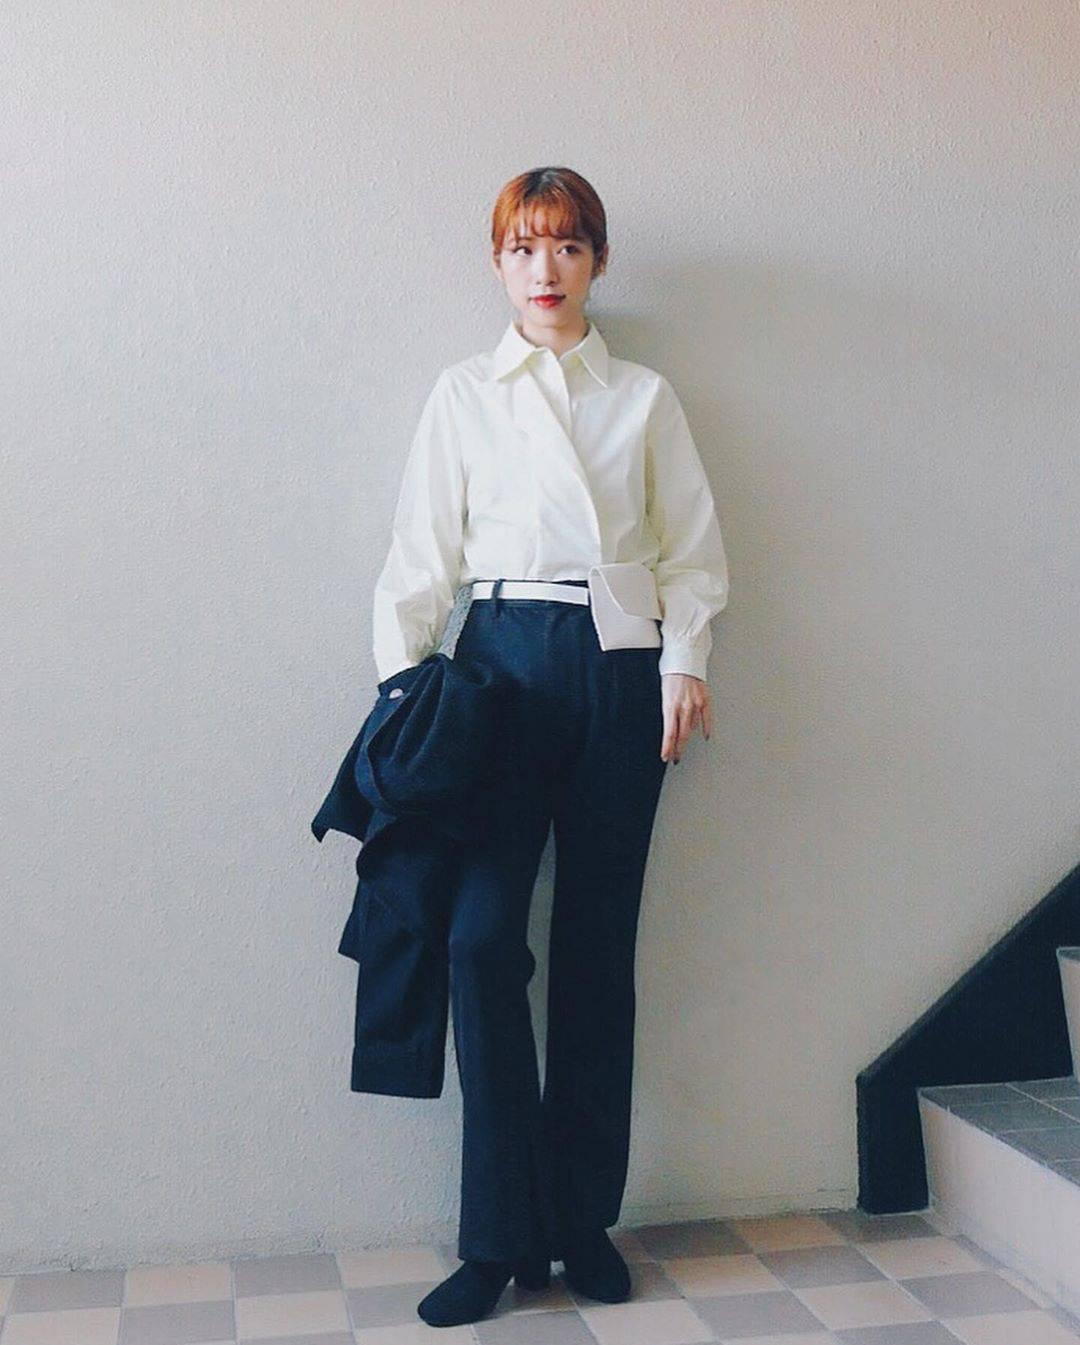 最高気温22度・最低気温14度 natsu_outfitsの服装